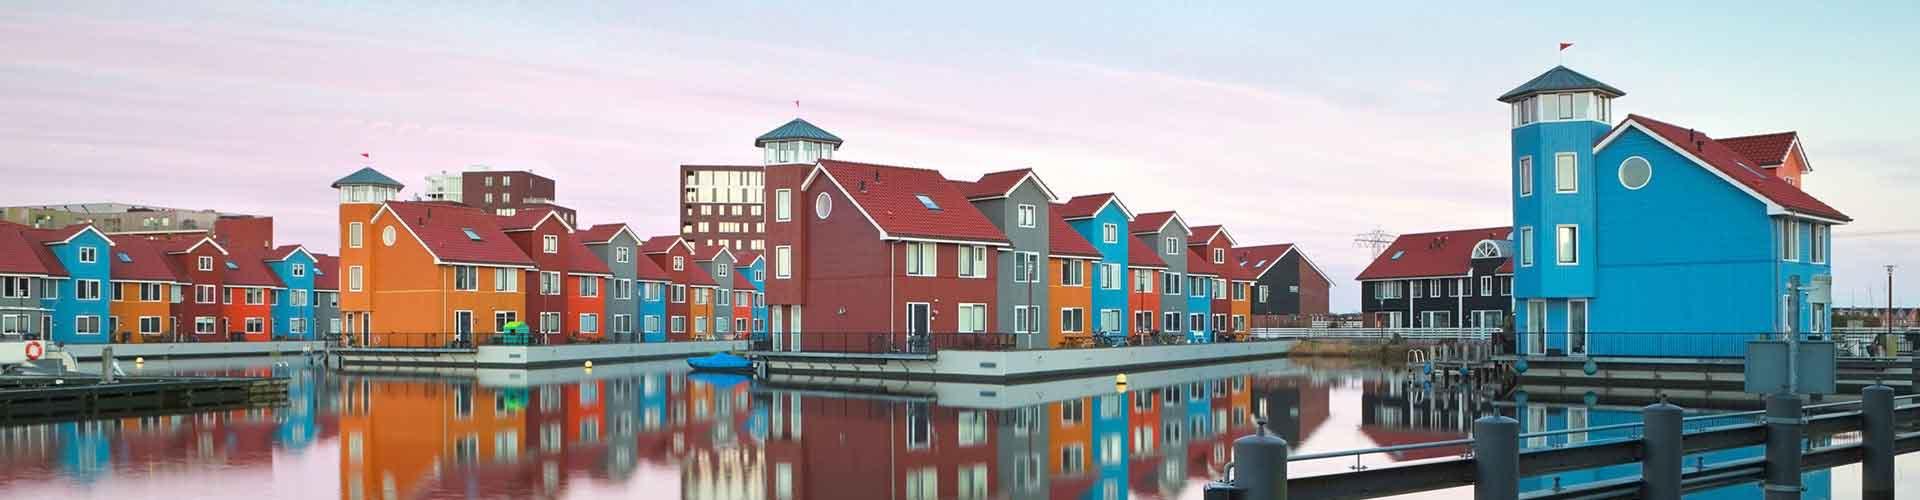 Groningen - Appartments à Groningen. Cartes pour Groningen, photos et commentaires pour chaque appartement à Groningen.